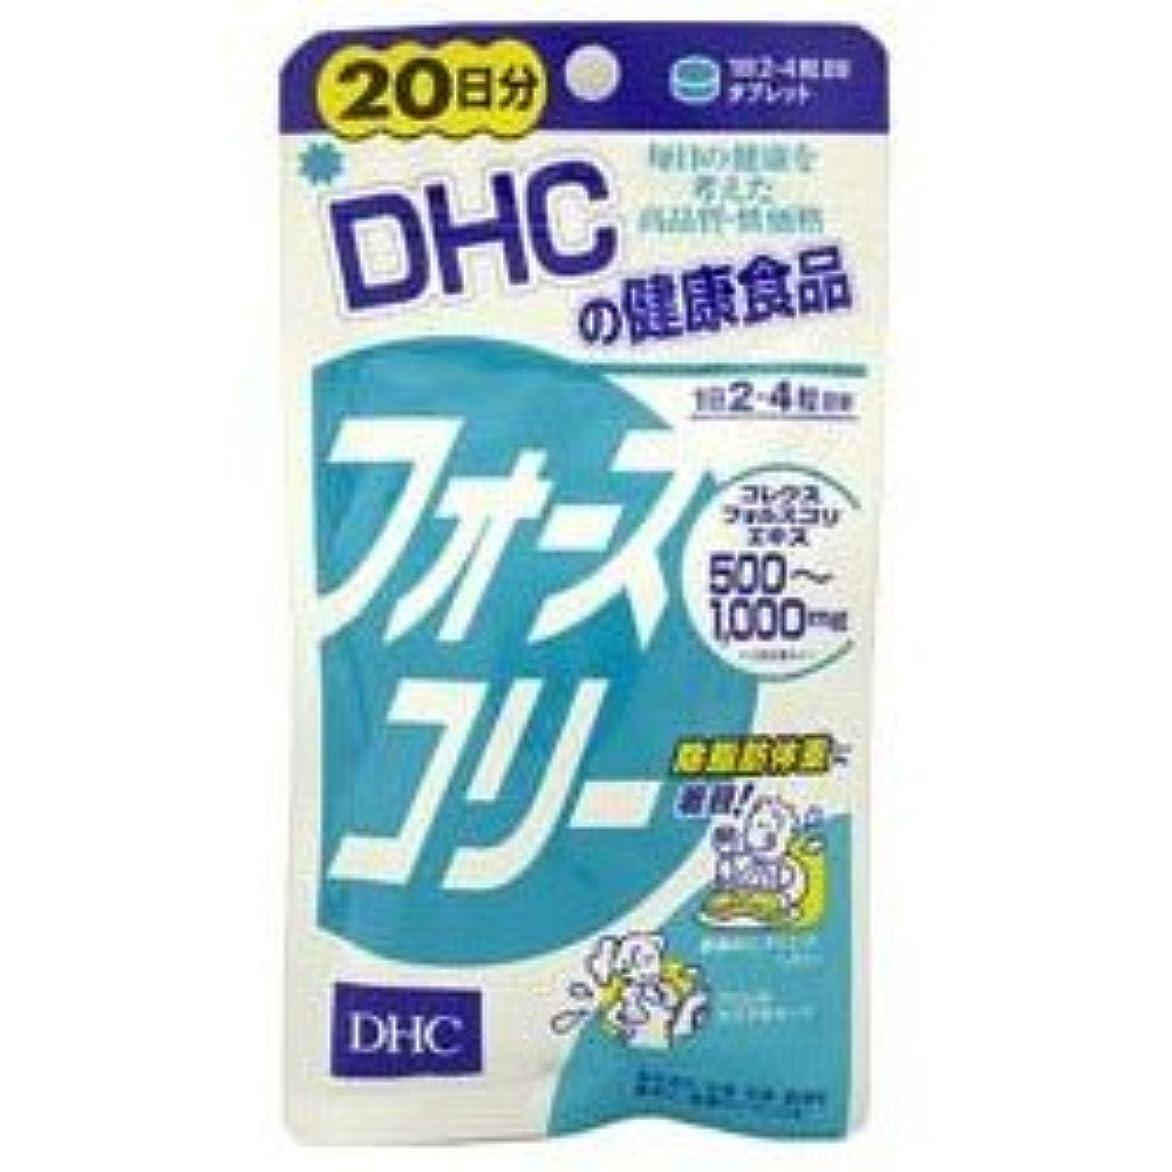 咲く金額配分【DHC】フォースコリー 20日分 (32.4g) ×20個セット